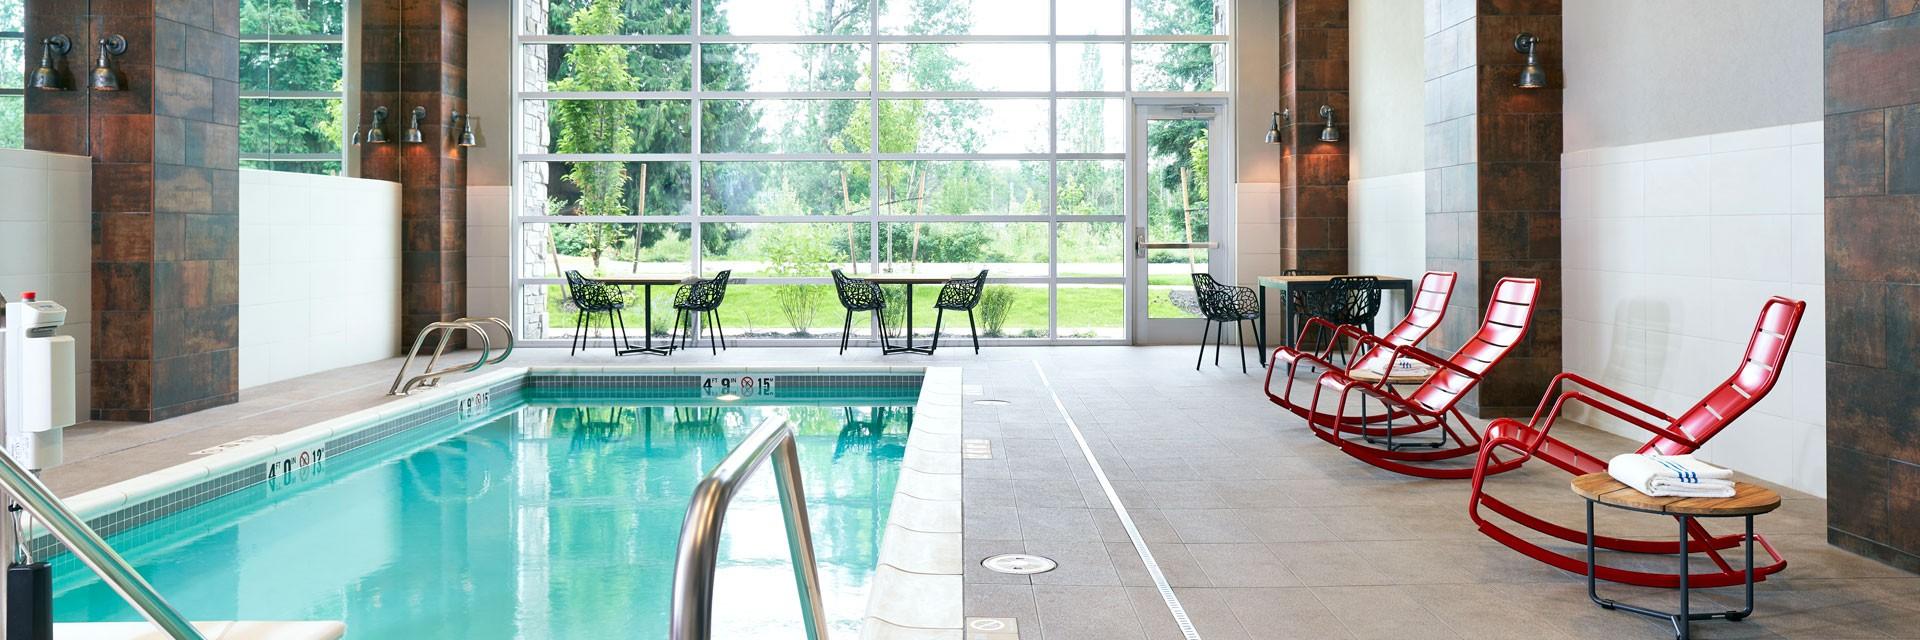 Archer Hotel Redmond Indoor Pool